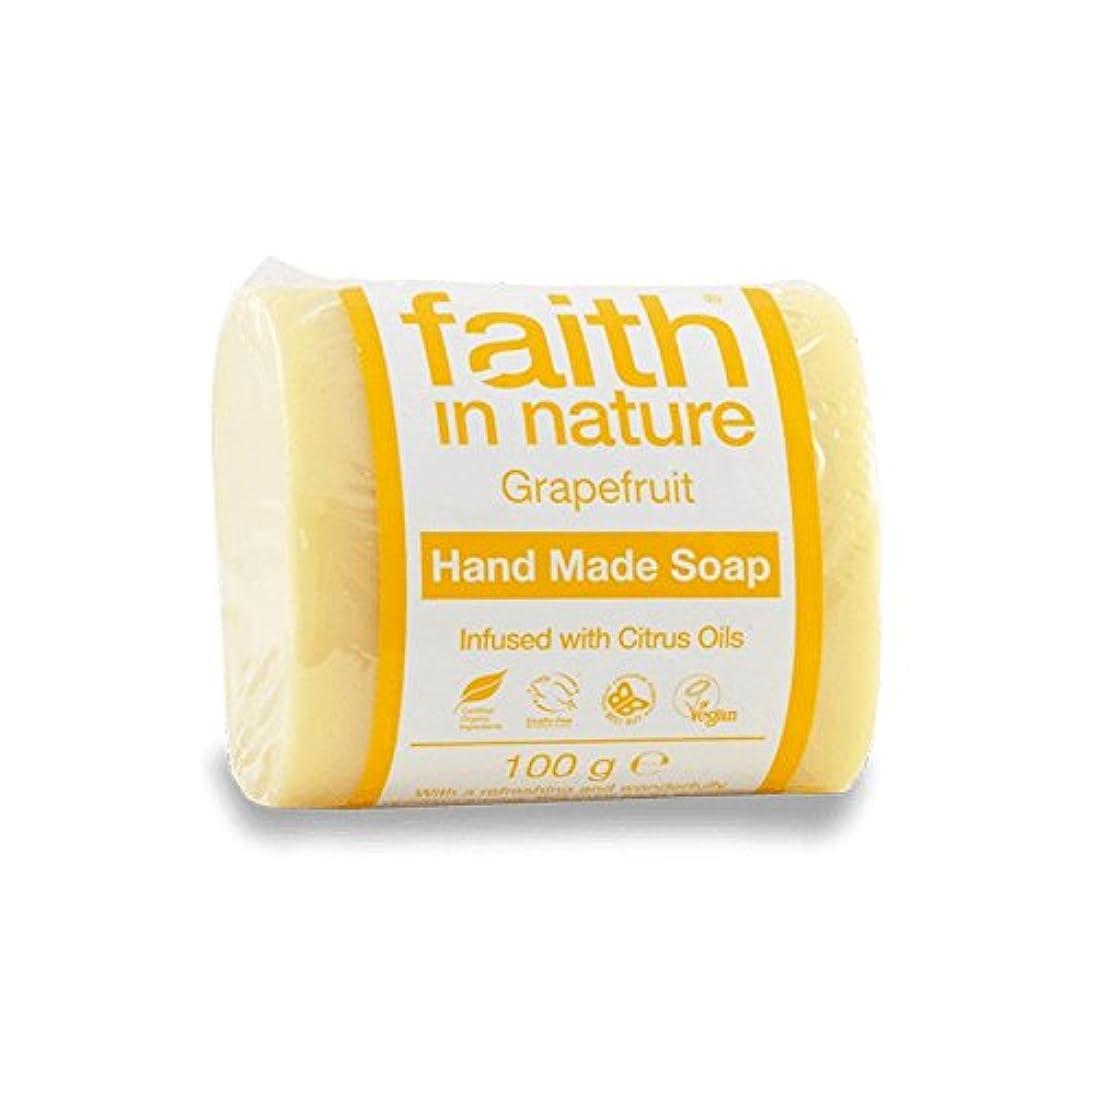 スリップ南極相談Faith in Nature Grapefruit Soap 100g (Pack of 2) - 自然グレープフルーツ石鹸100グラムの信仰 (x2) [並行輸入品]